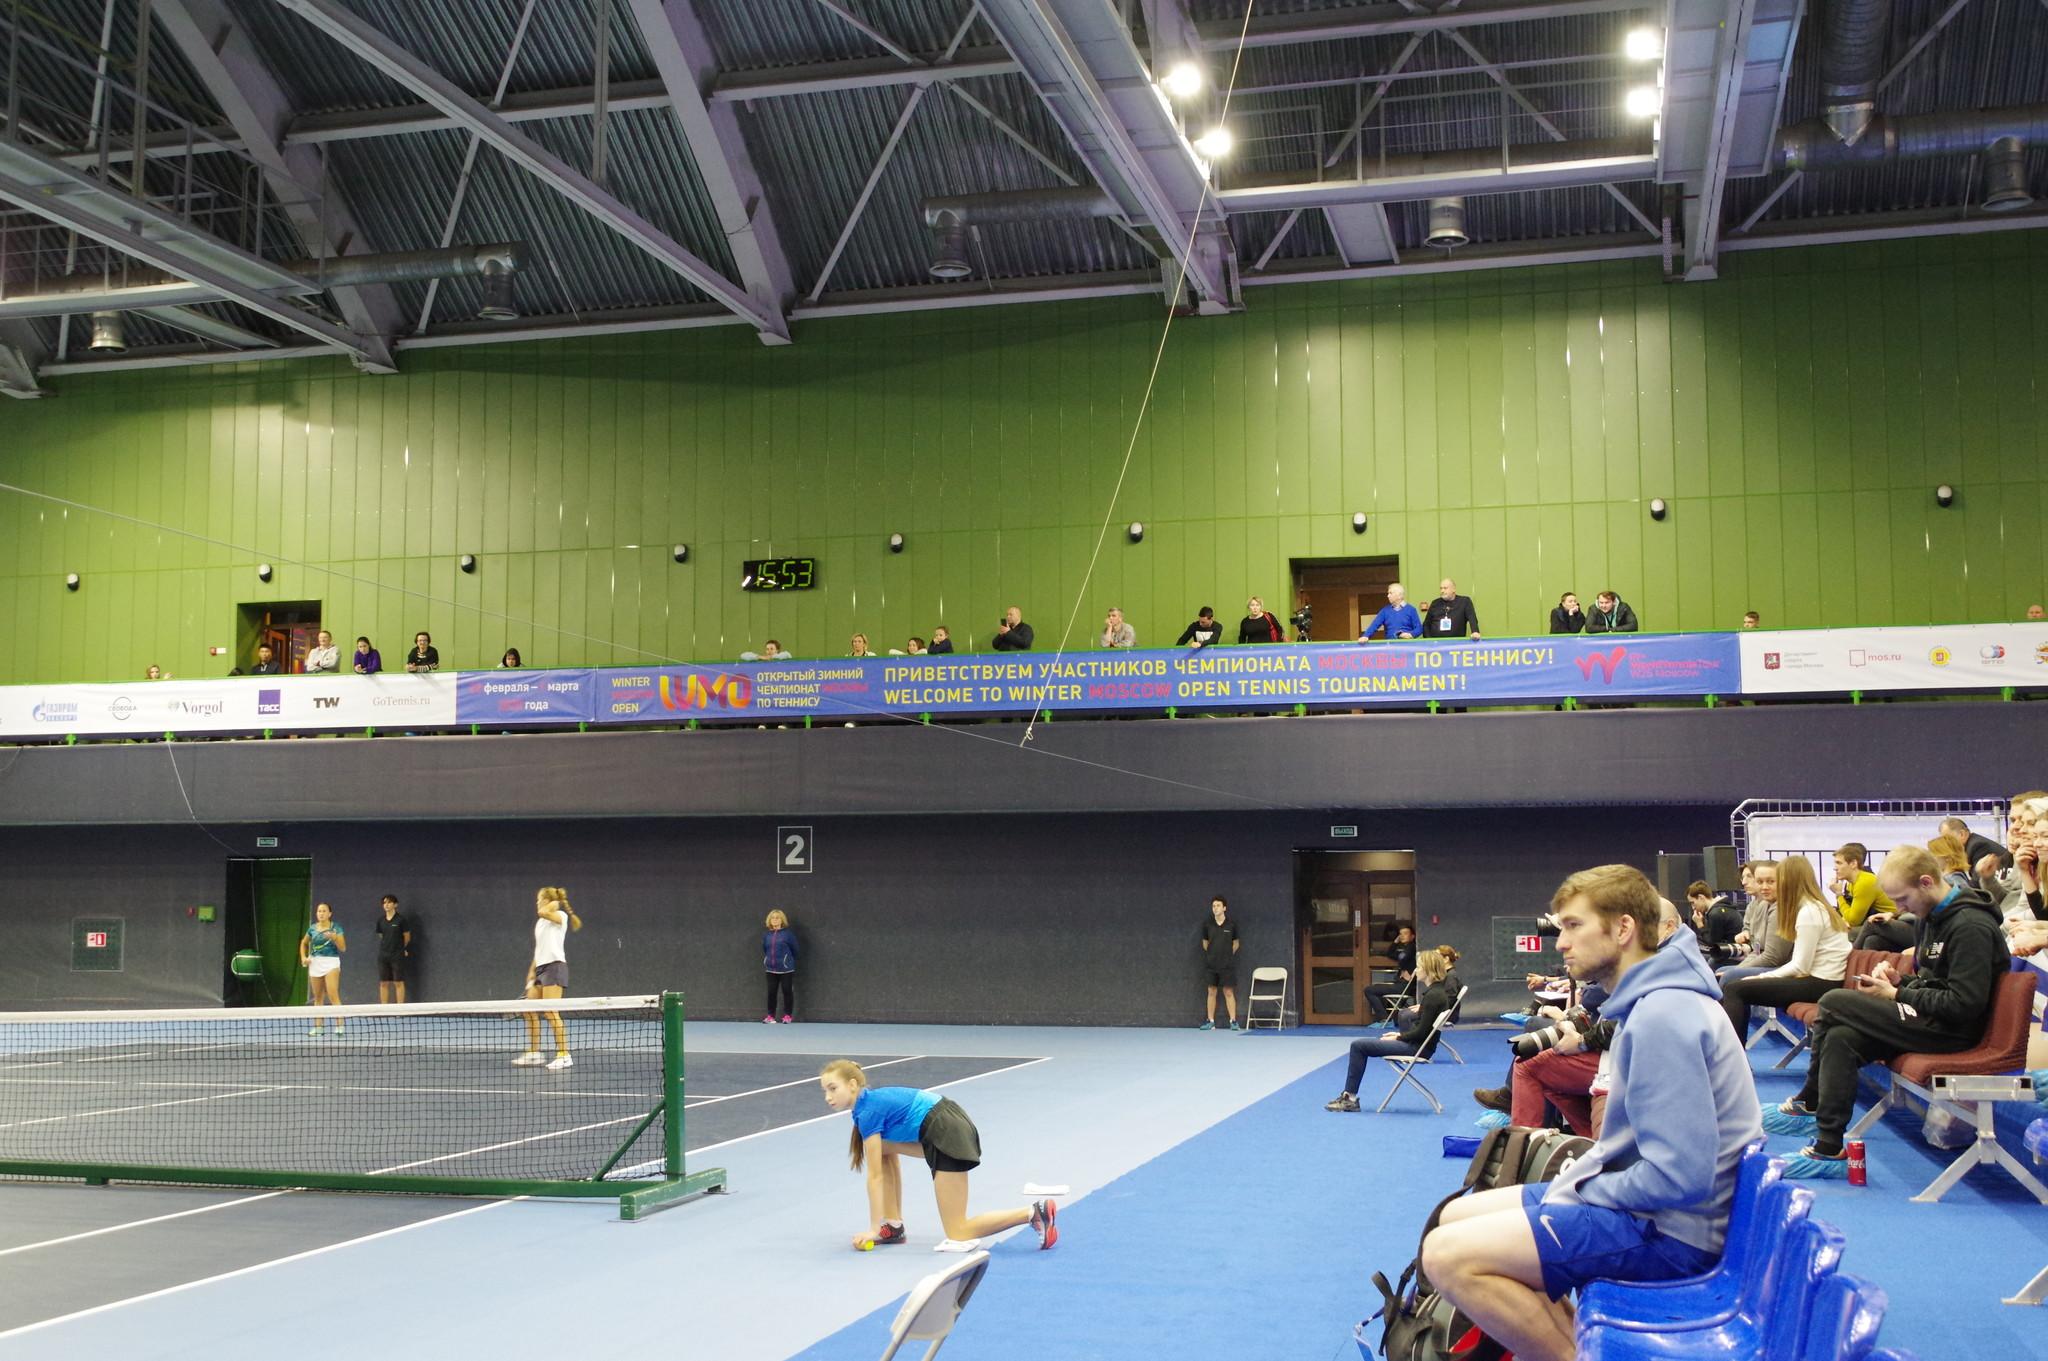 Открытый зимний чемпионат Москвы по теннису Winter Moscow Open 2020